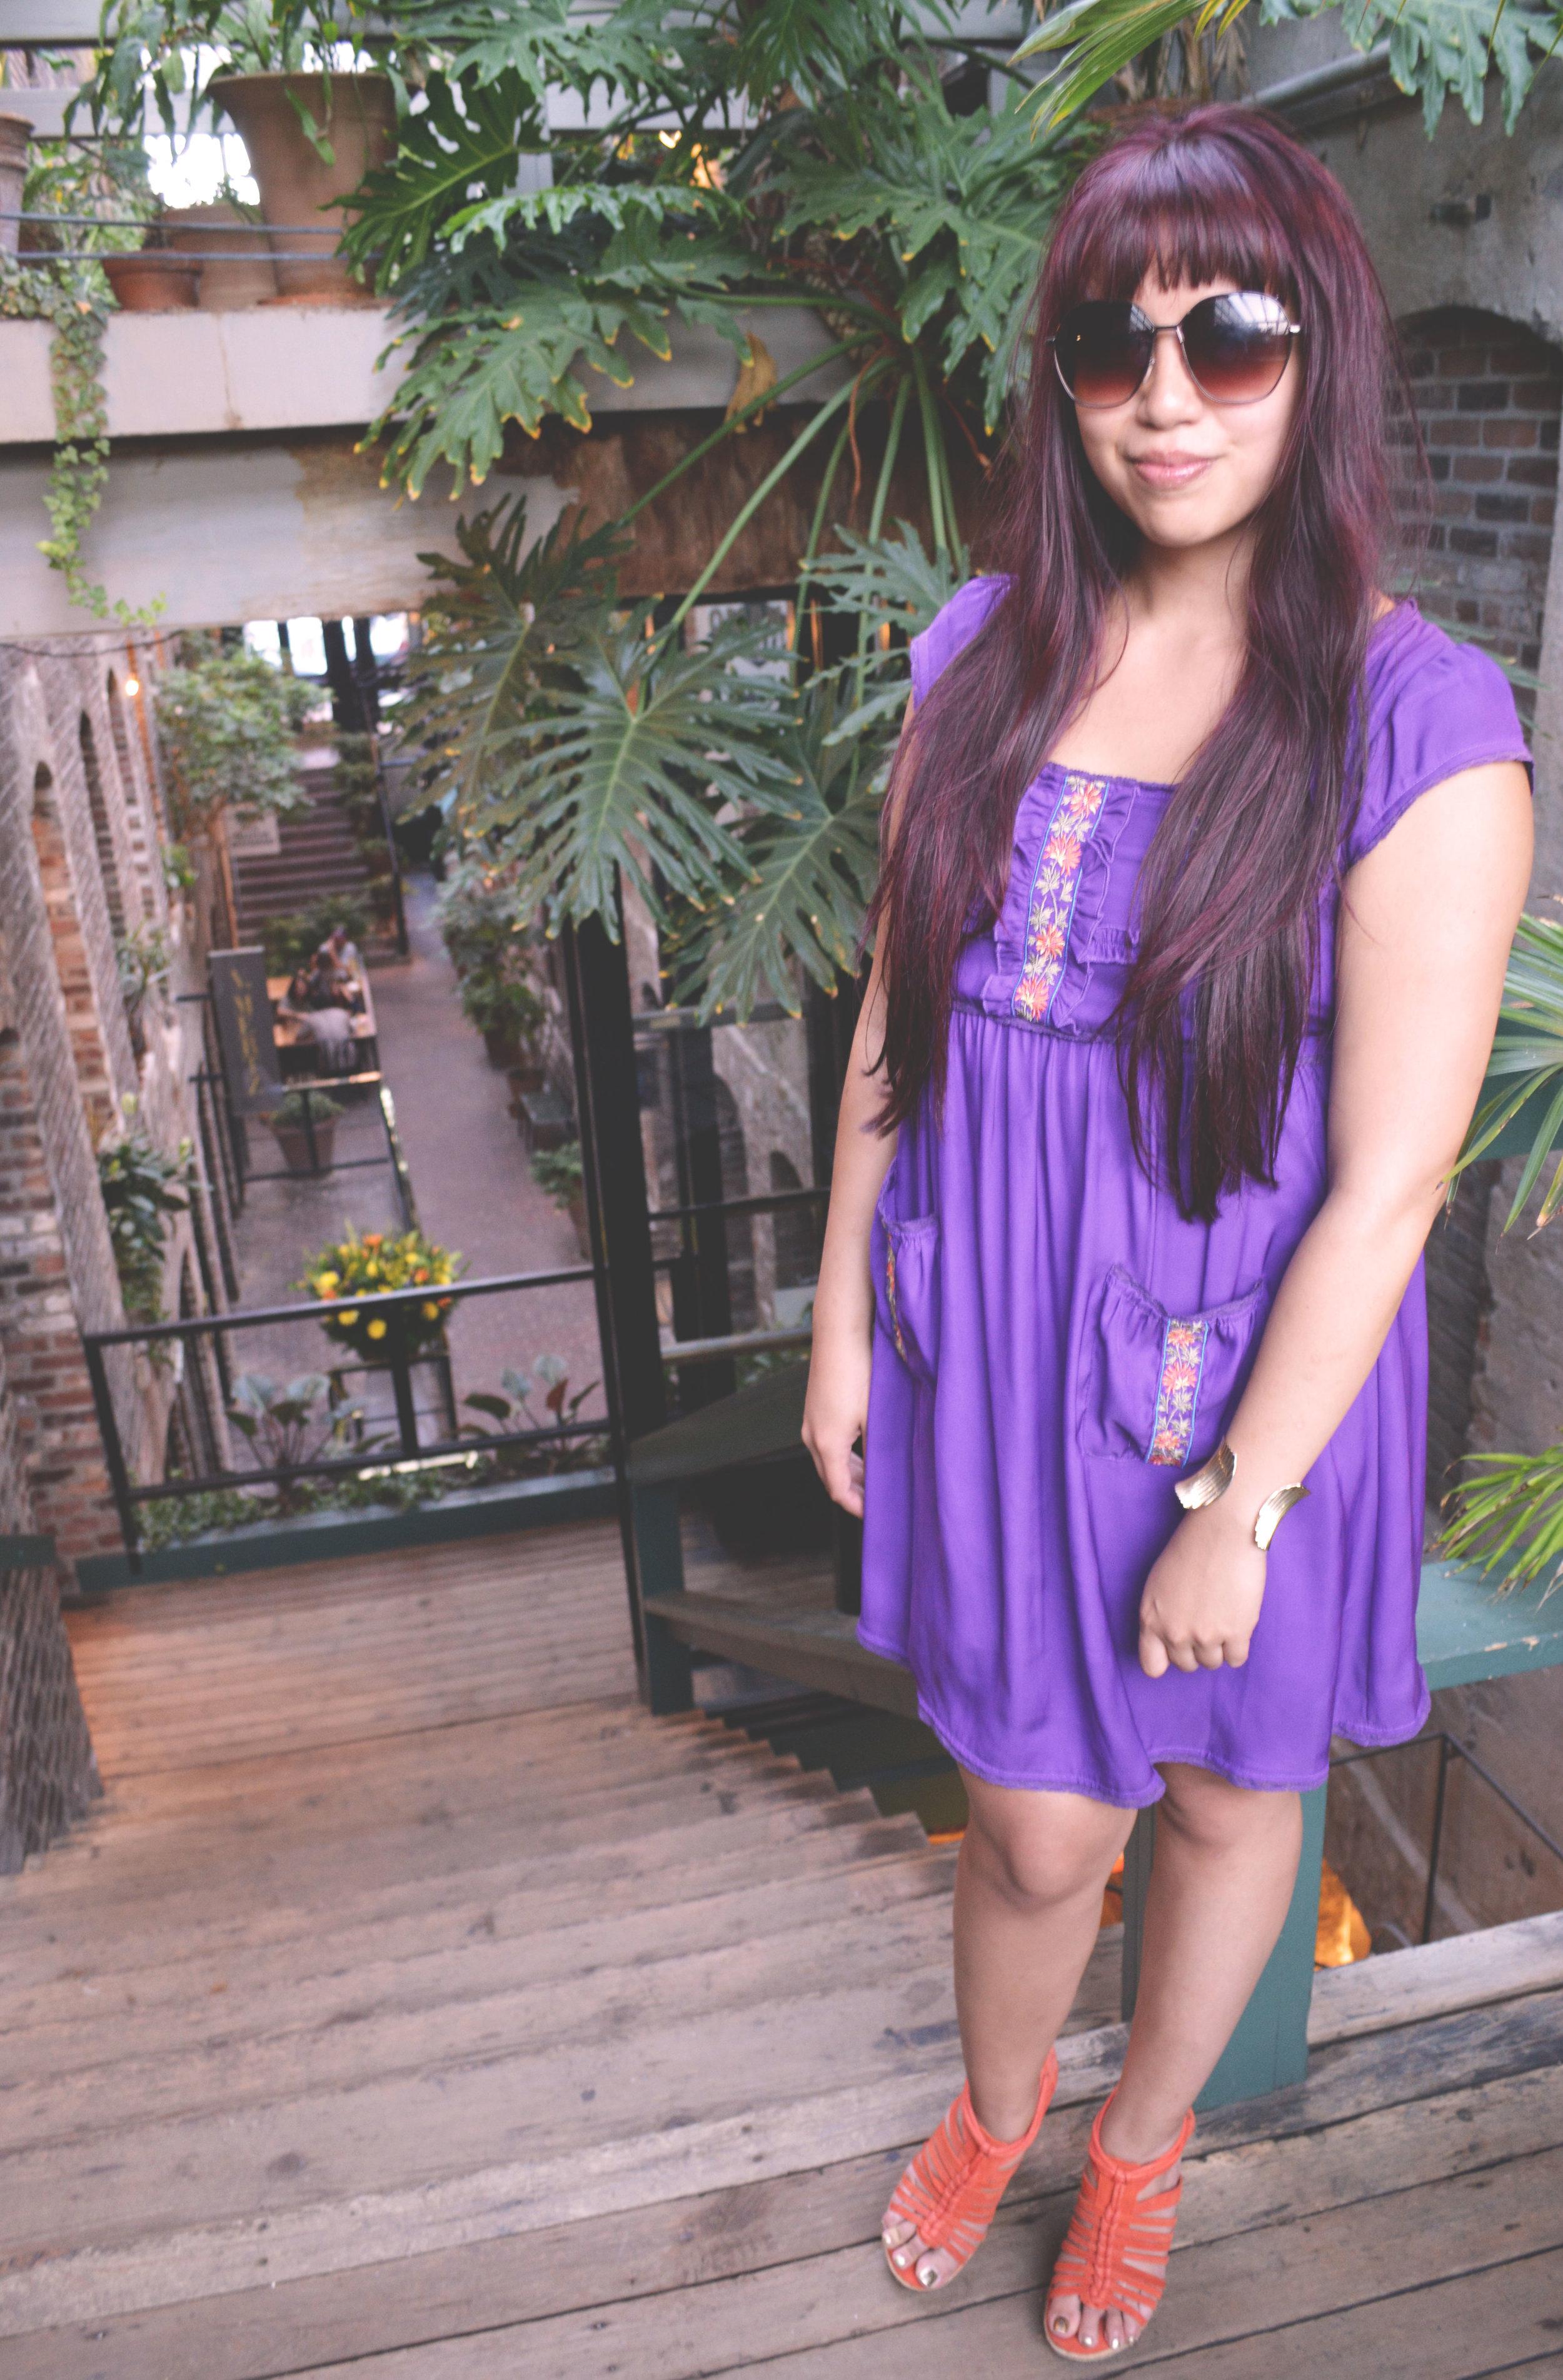 purpledress5.jpg